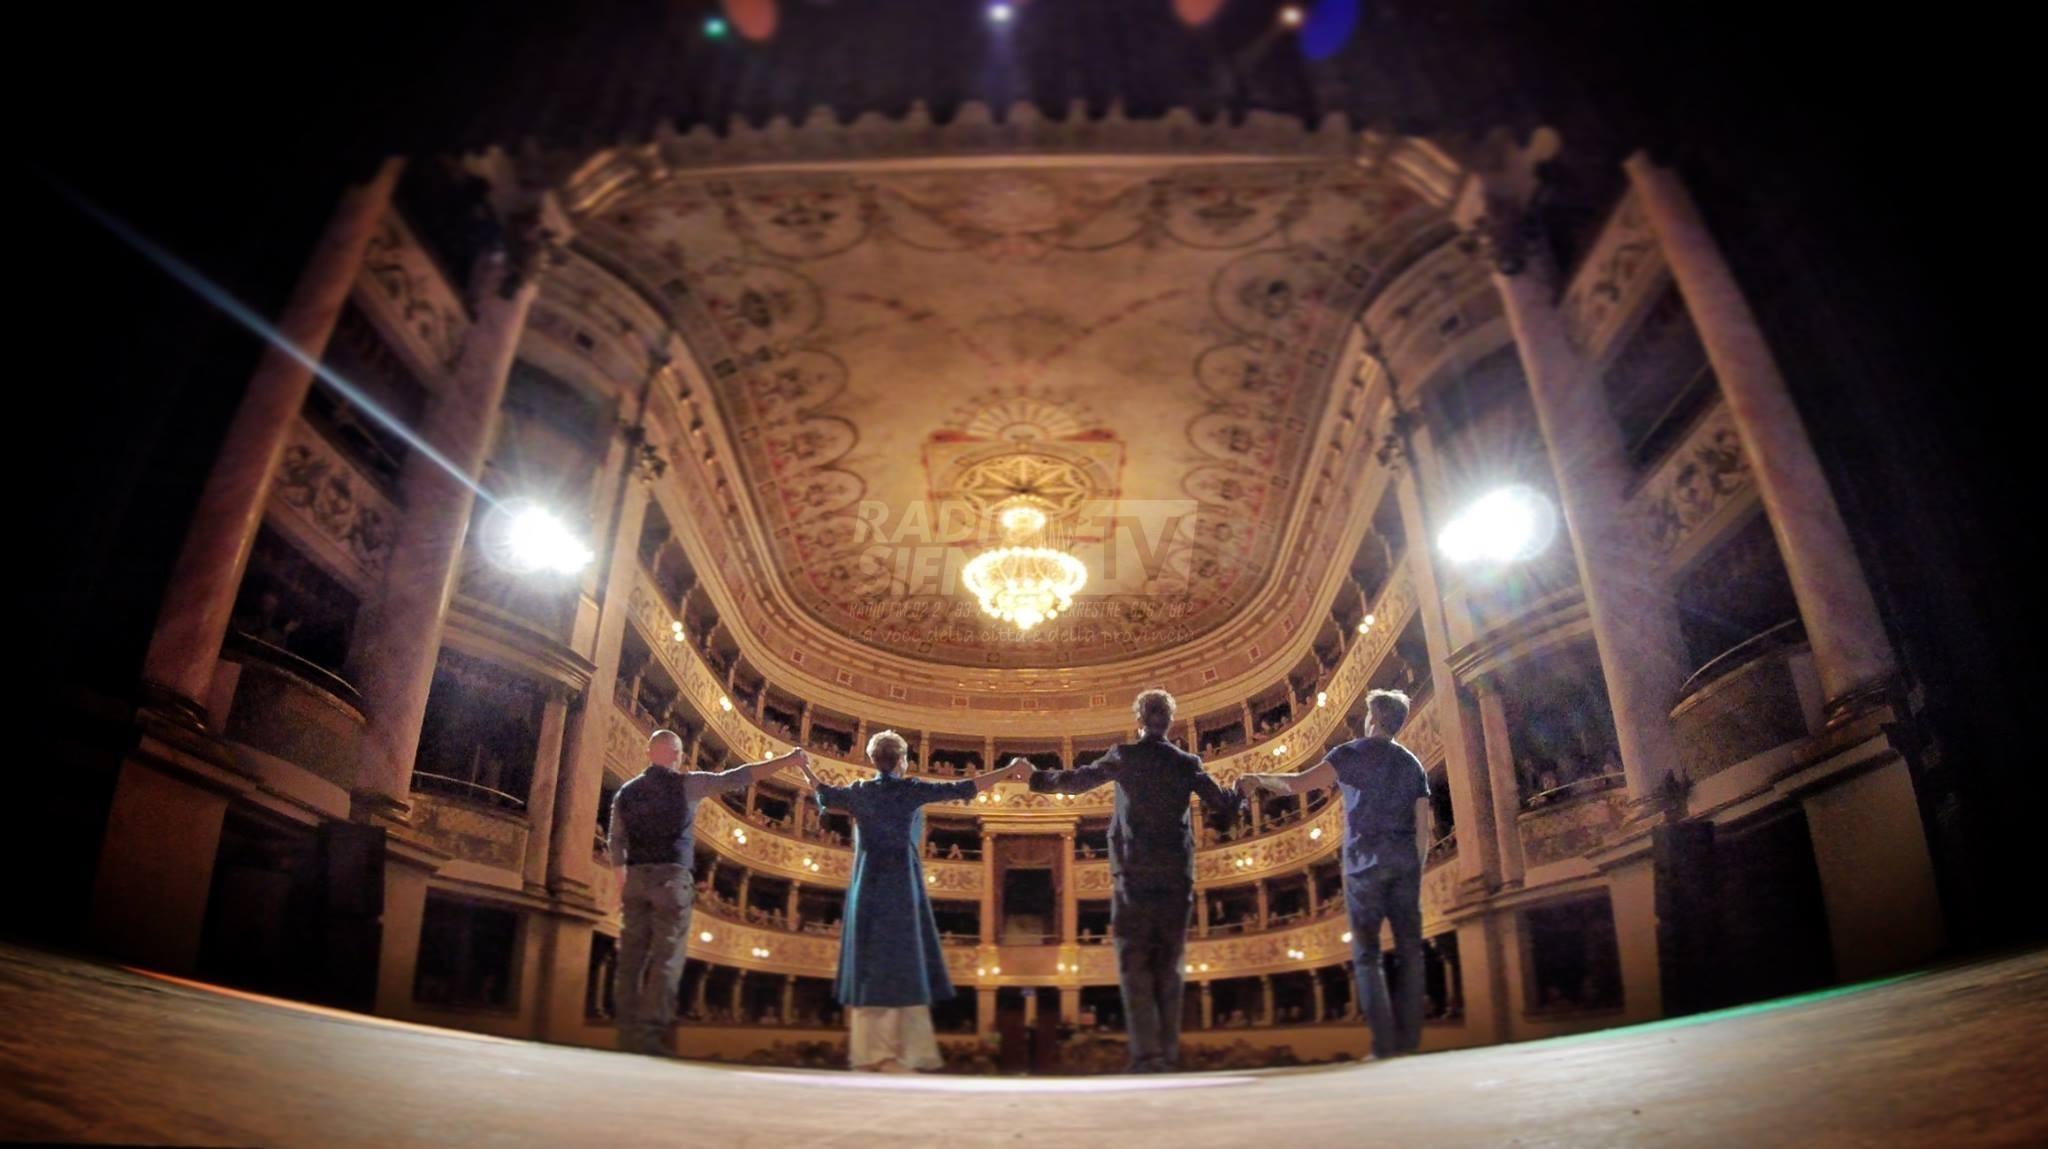 La stagione 2019-2020 raddoppia con il teatro dei Rinnovati e il teatro dei Rozzi